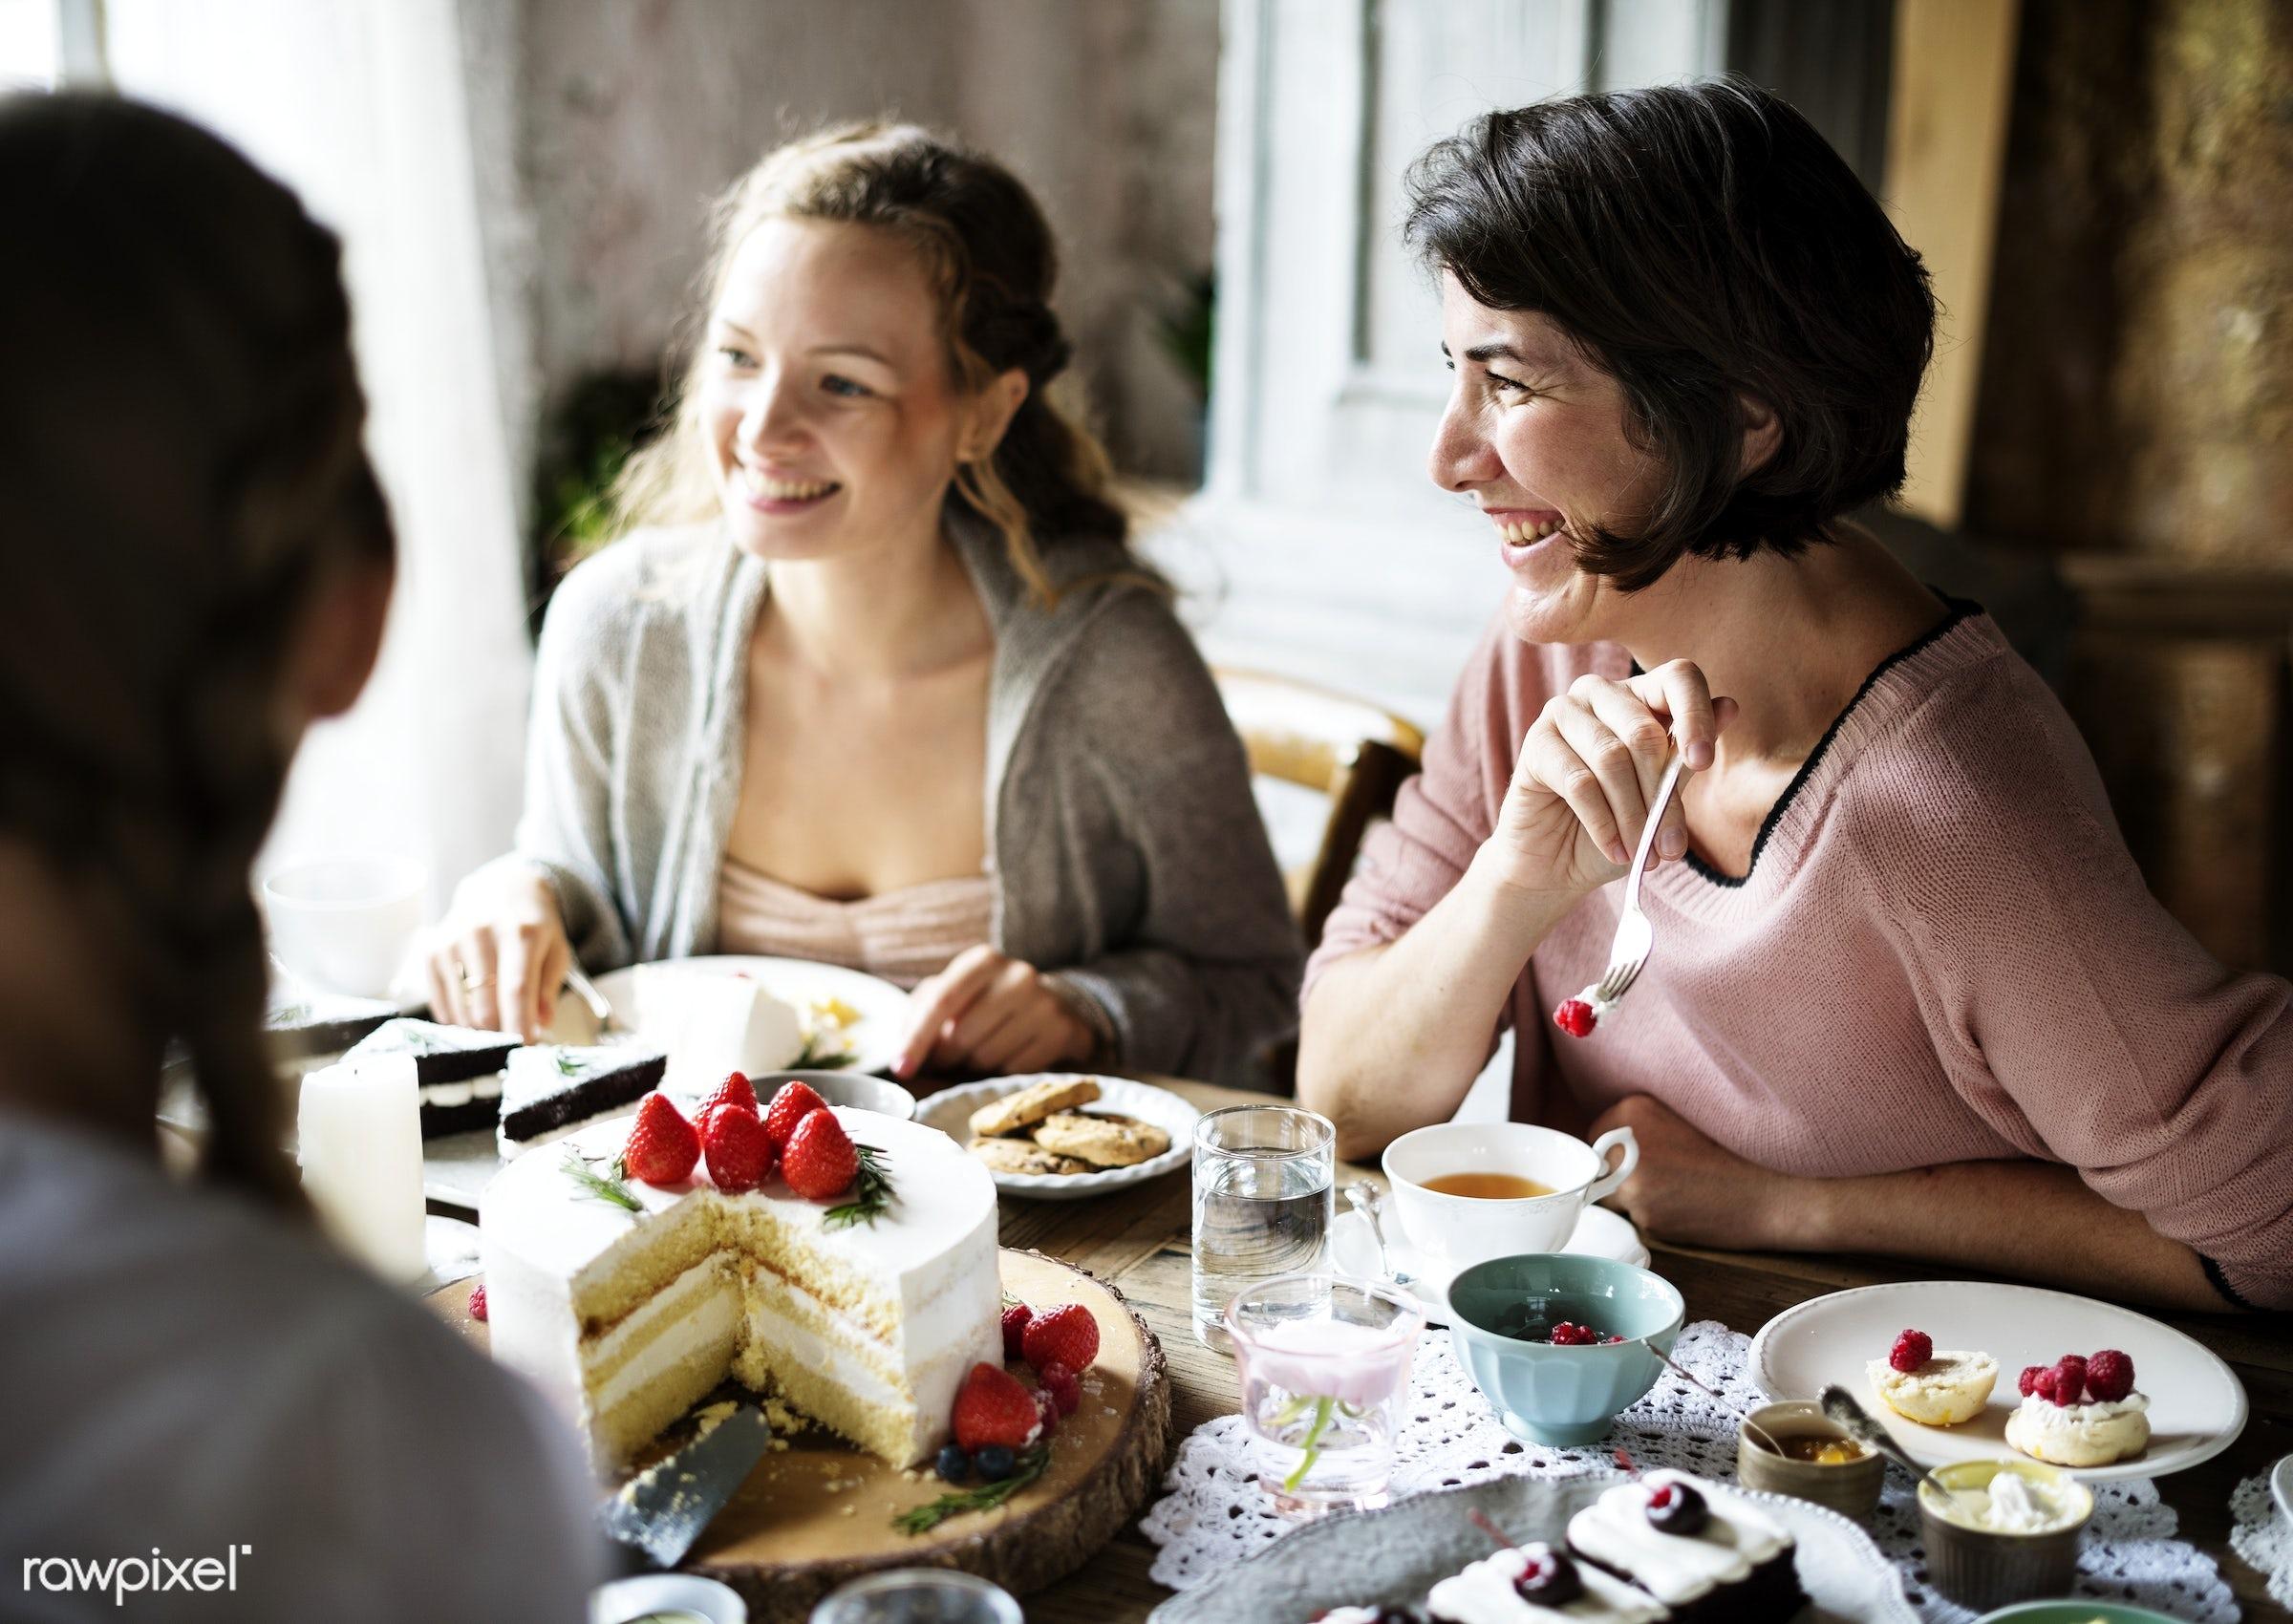 tea, bake, baked, bakery, birthday, cake, cakes, celebrate, celebration, communication, conversation, decoration, delicious...